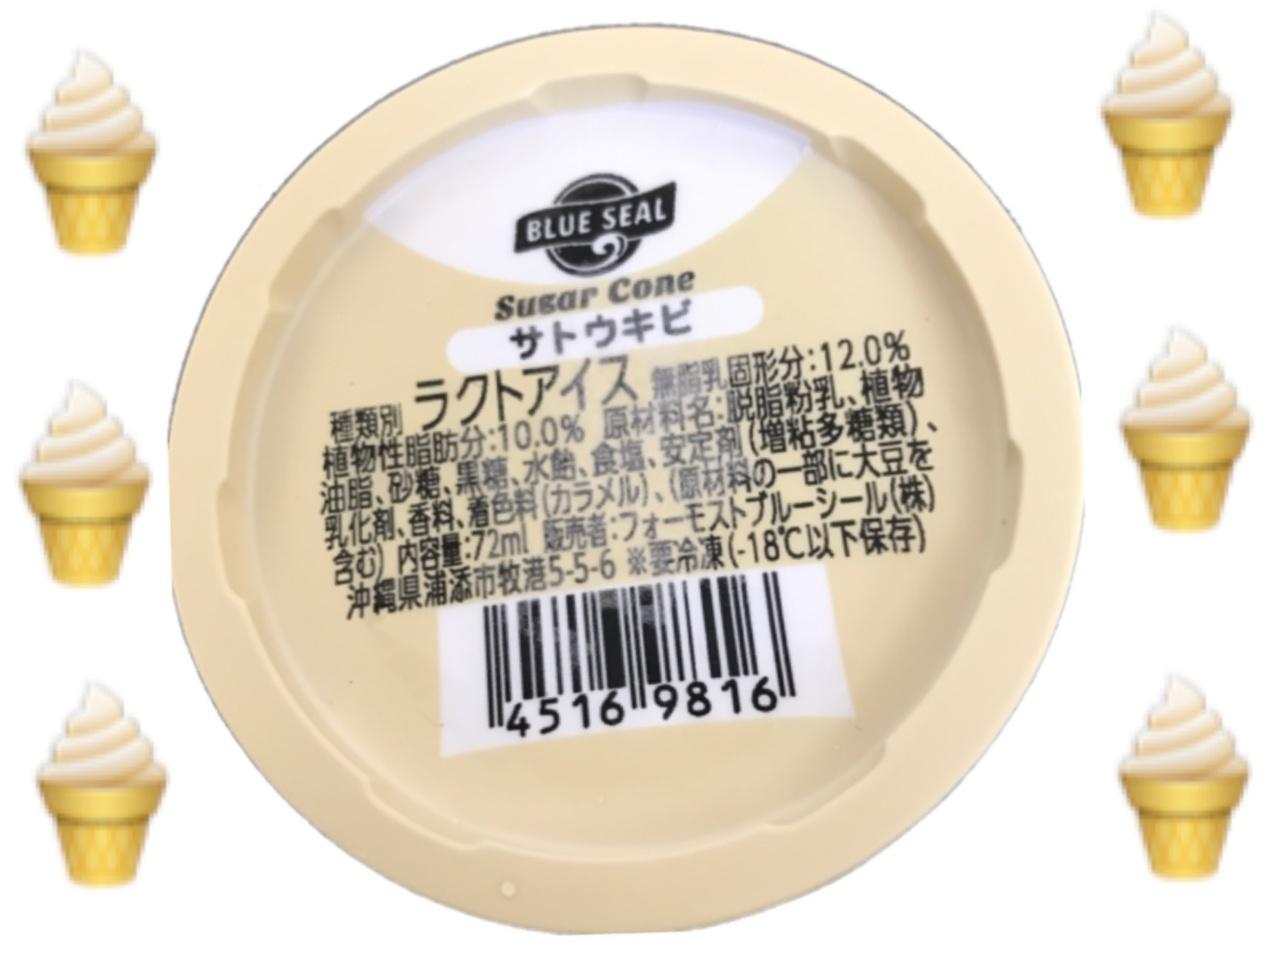 【ご当地アイス】沖縄に行ったら絶対食べたい!おすすめアイス3選【沖縄県】_1